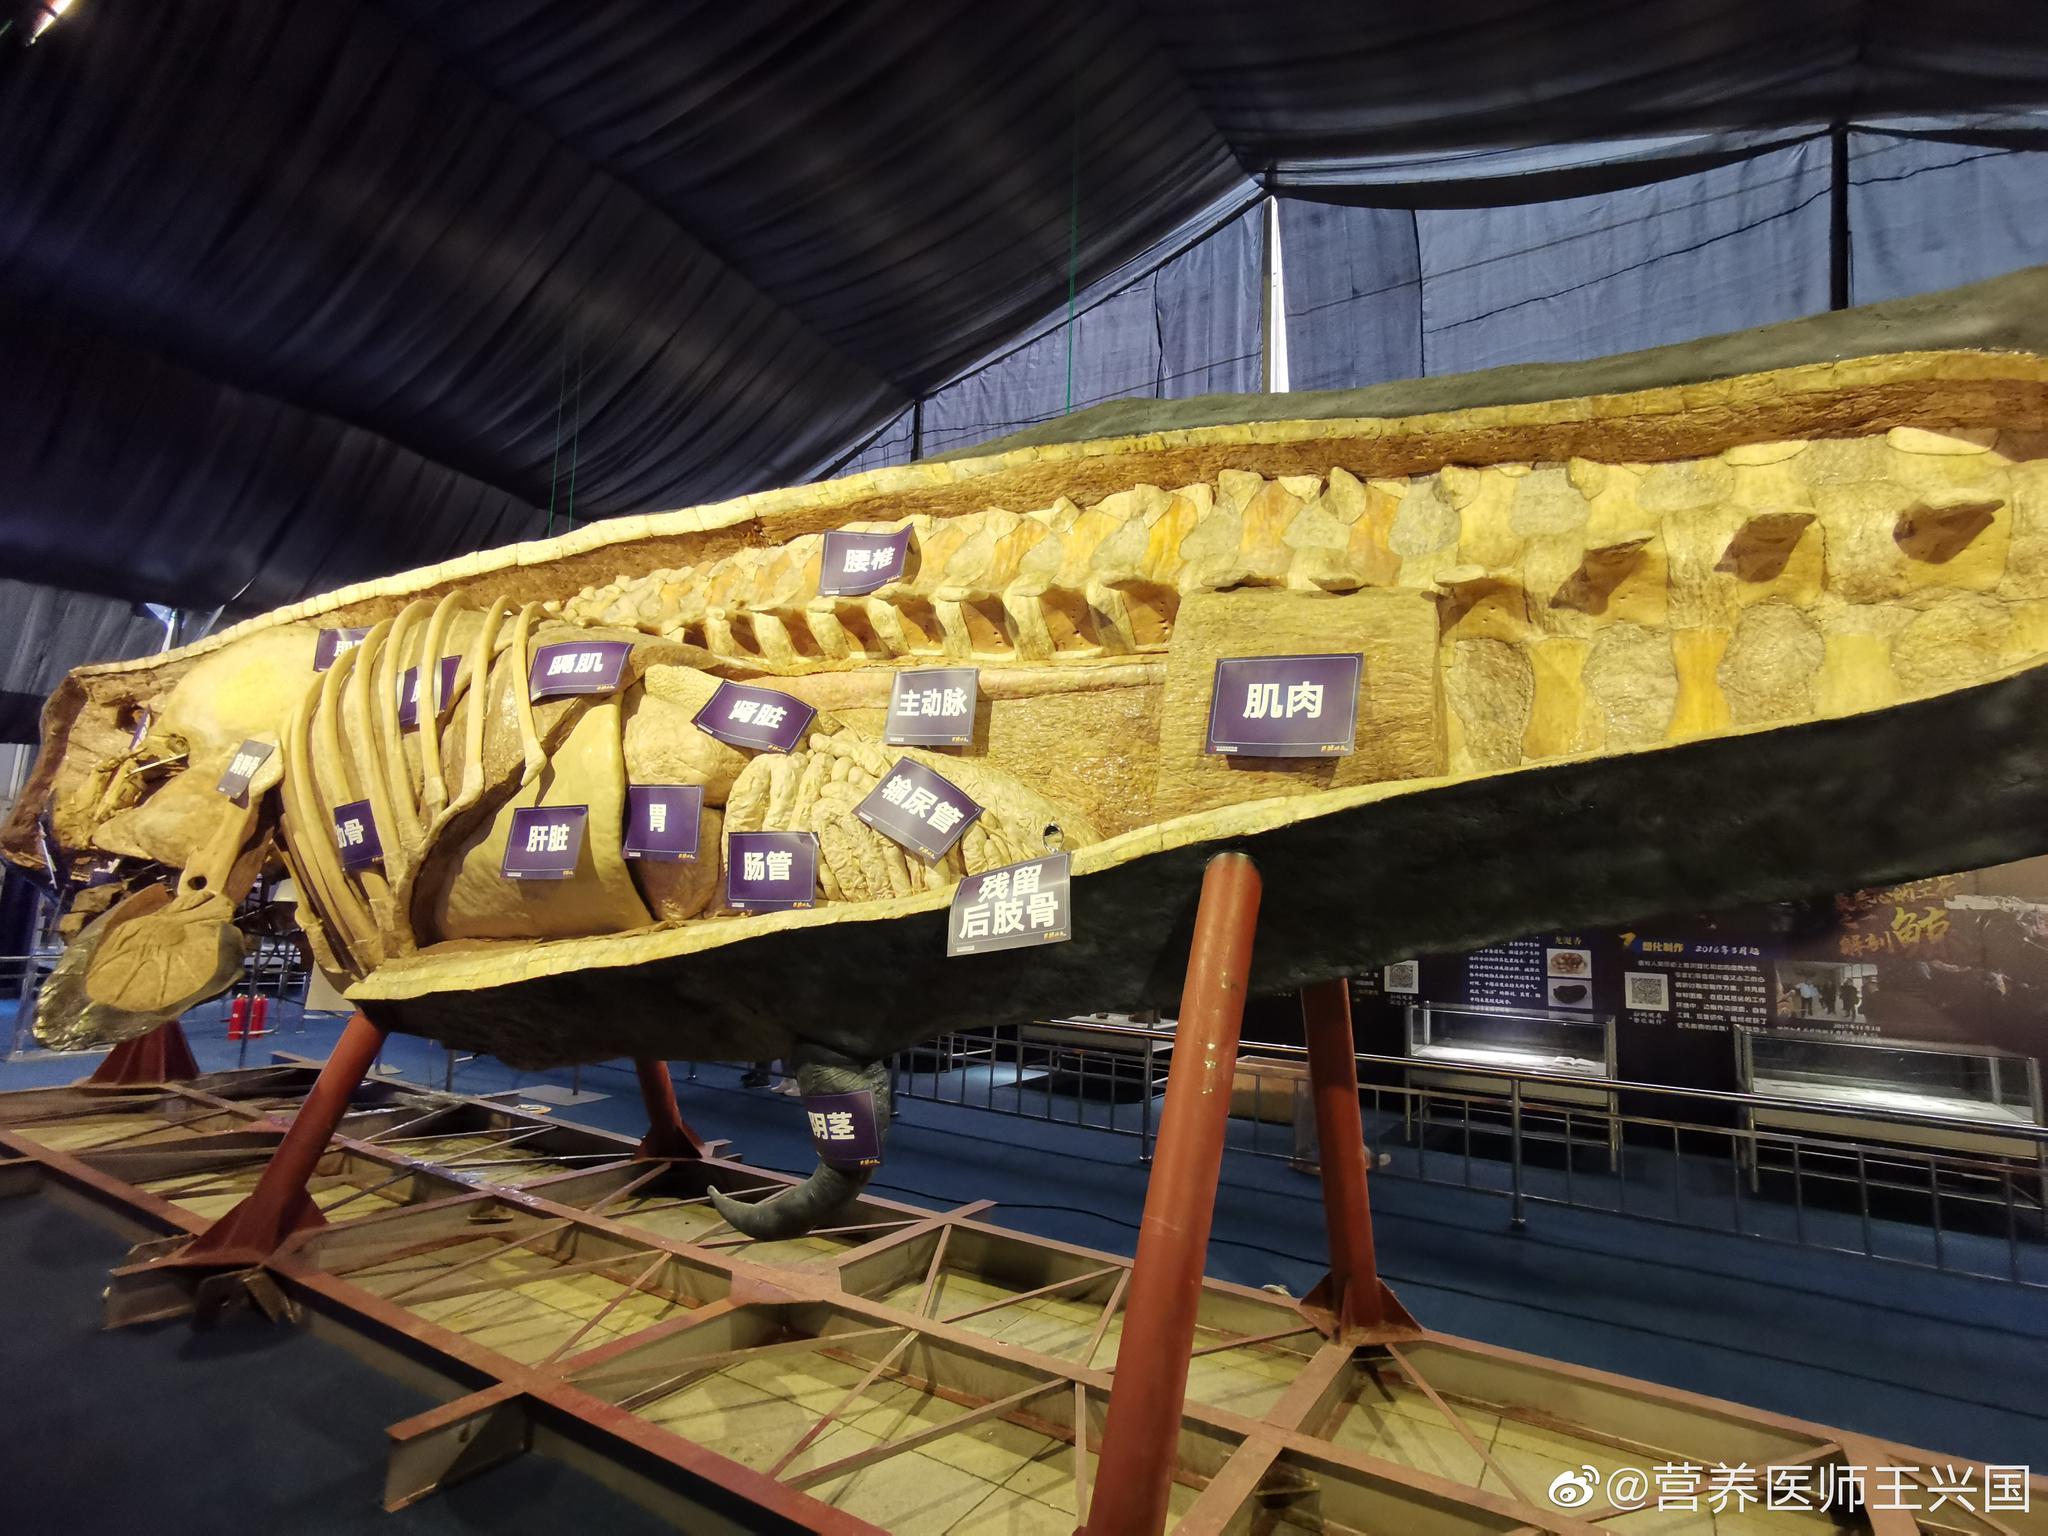 巨大抹香鲸塑化标本,不但是第一奇观,也是极好的科普机会